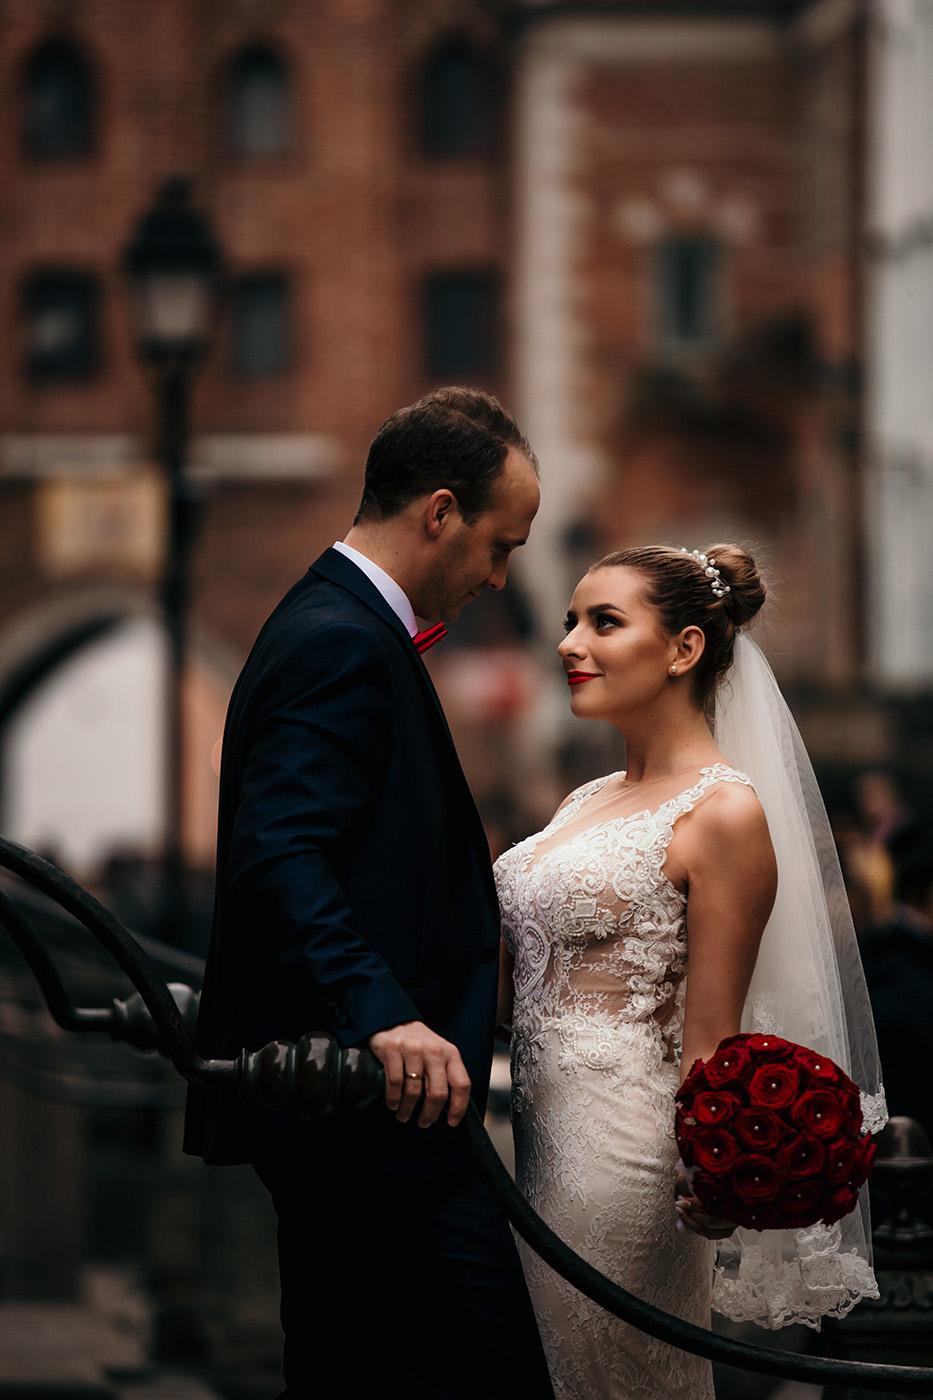 Ślub w Rezydencji Victoria - historia Julii i Stiana 75